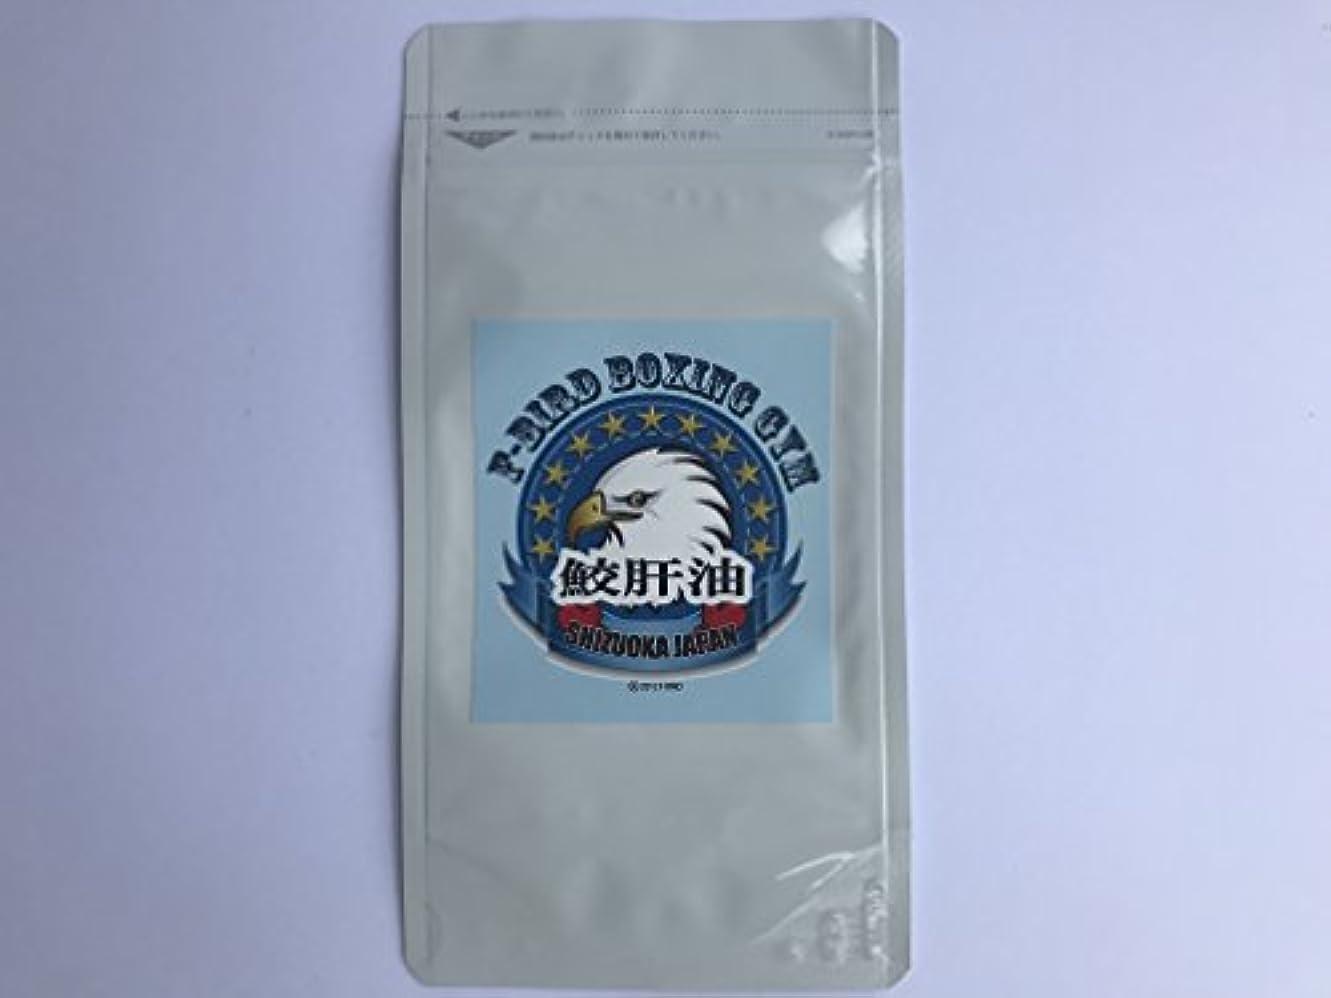 悲観主義者攻撃的ご注意【F-BIRD BOXING サプリメント】 深海鮫肝油(スクアレン99.7%含有) 90ソフトカプセル